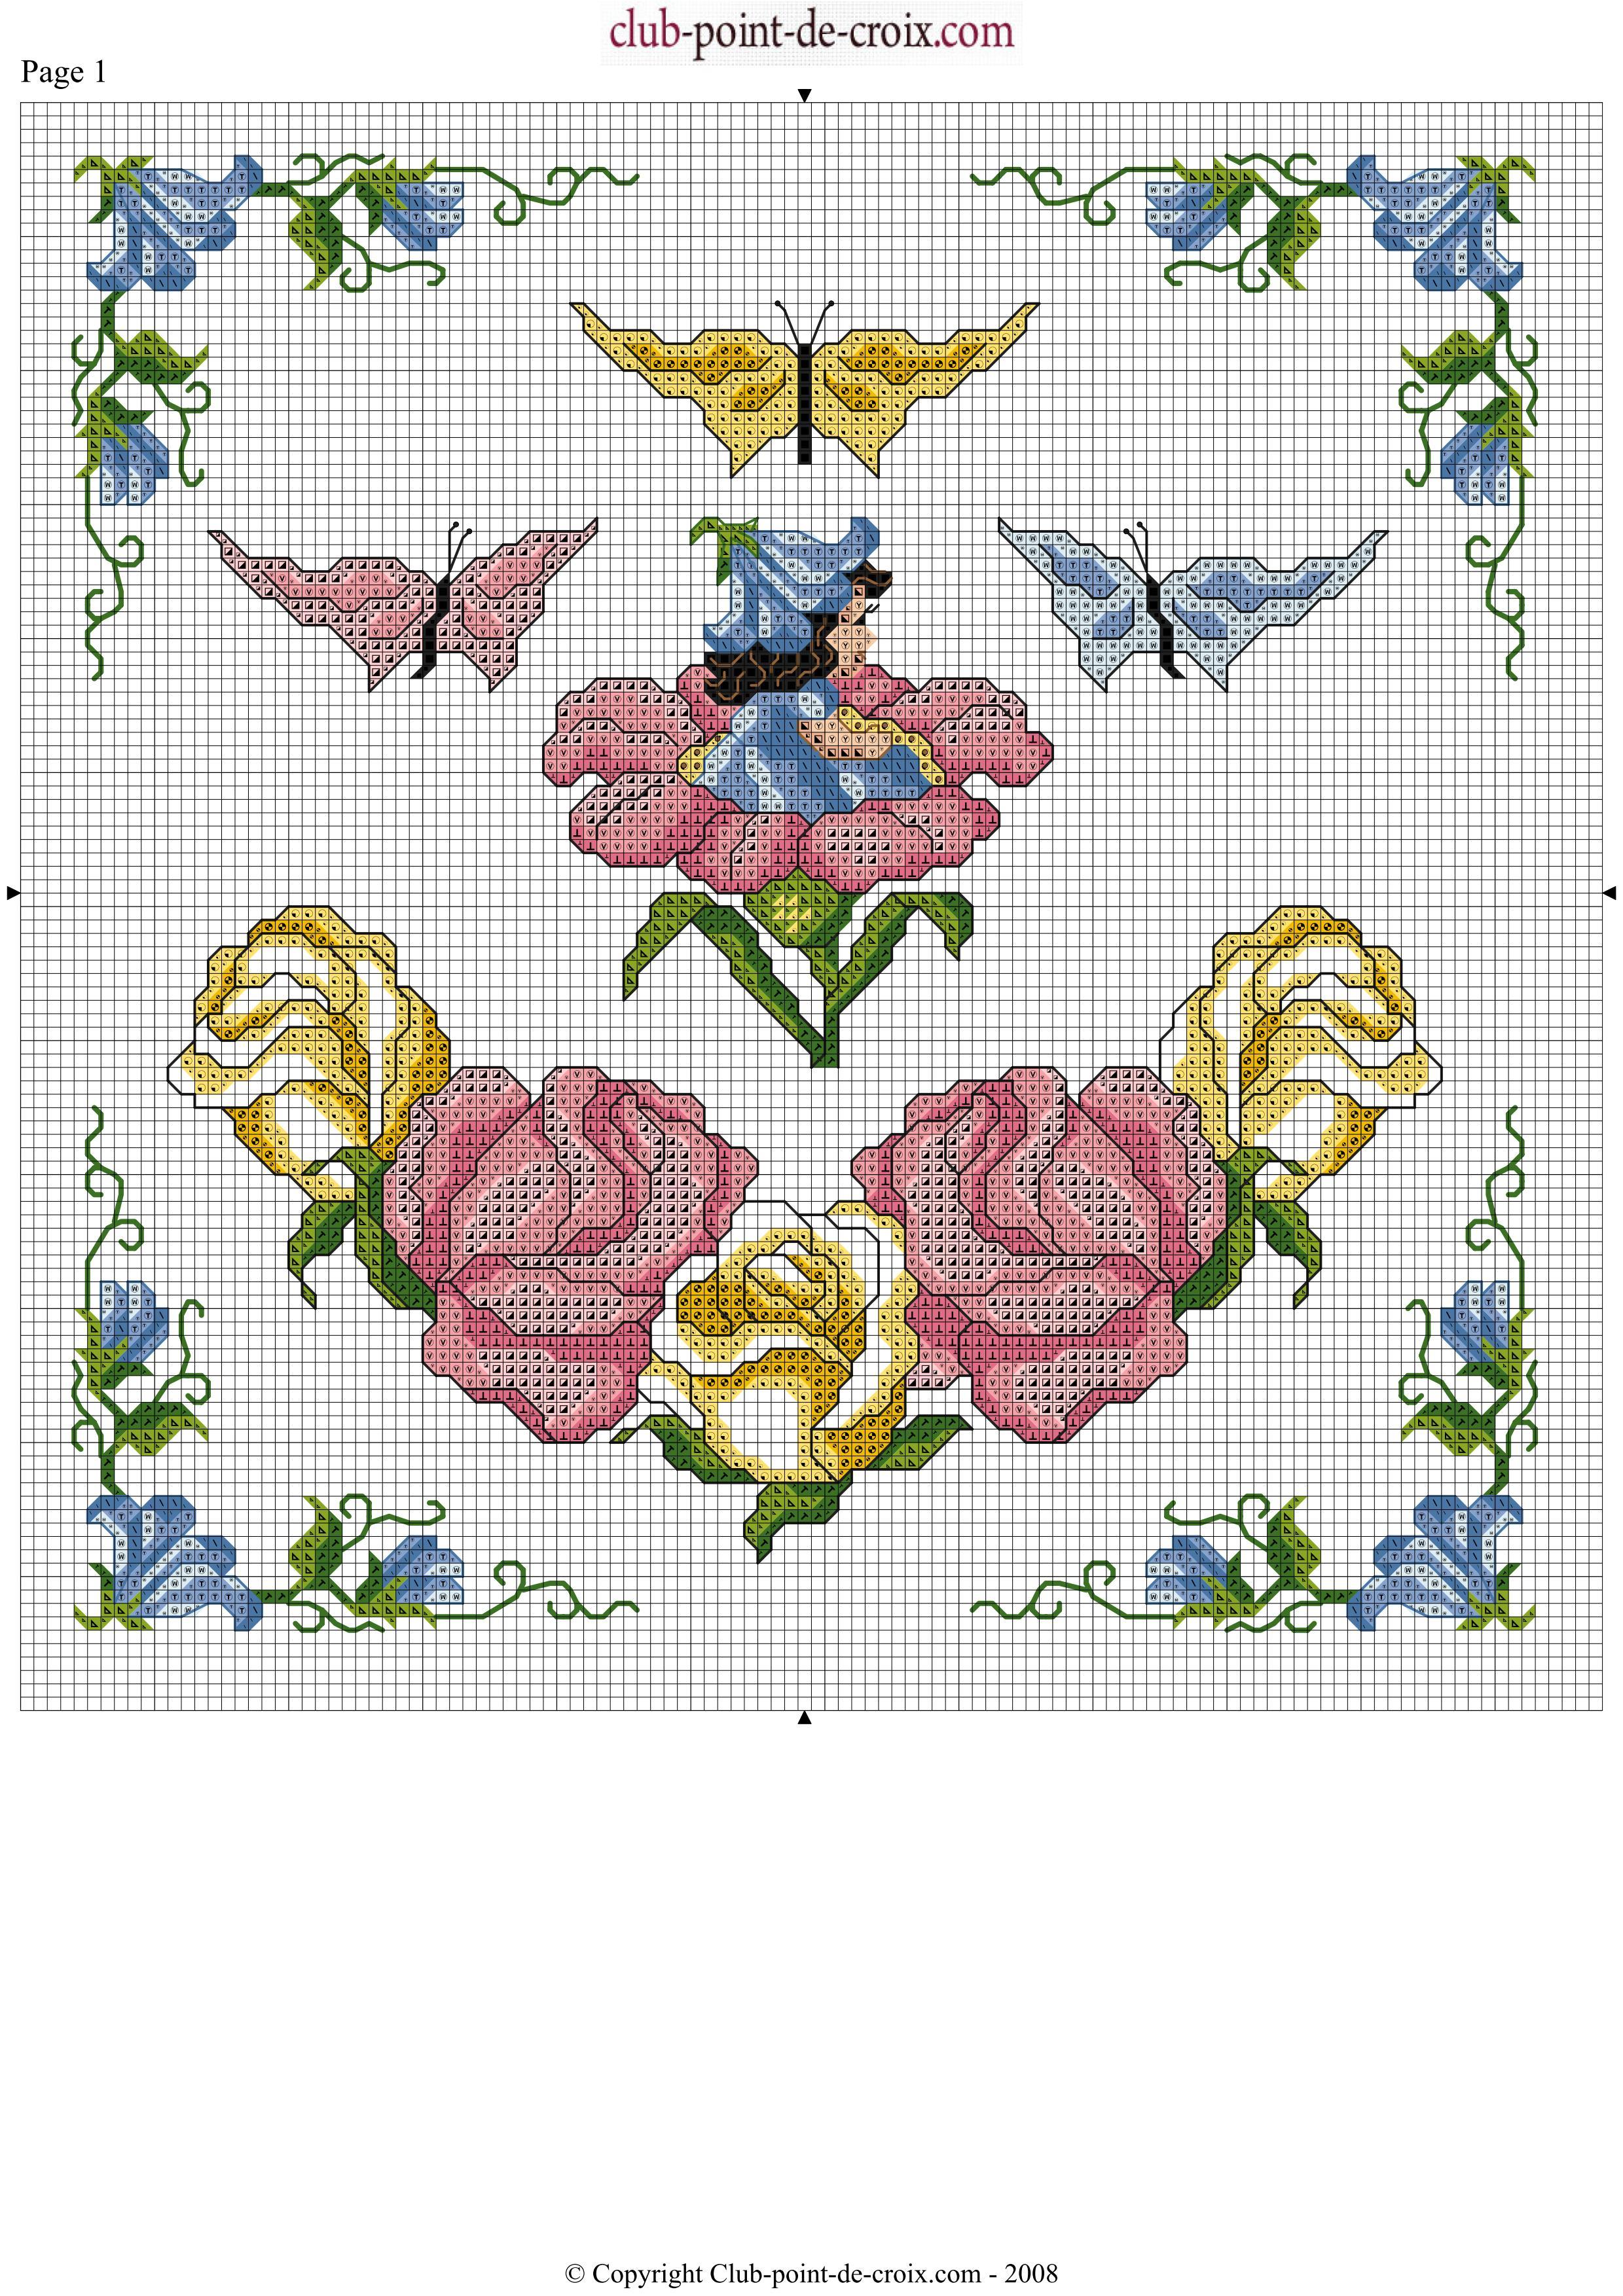 Schema punto croce fiori farfalle belle for Schemi punto croce fiori e farfalle